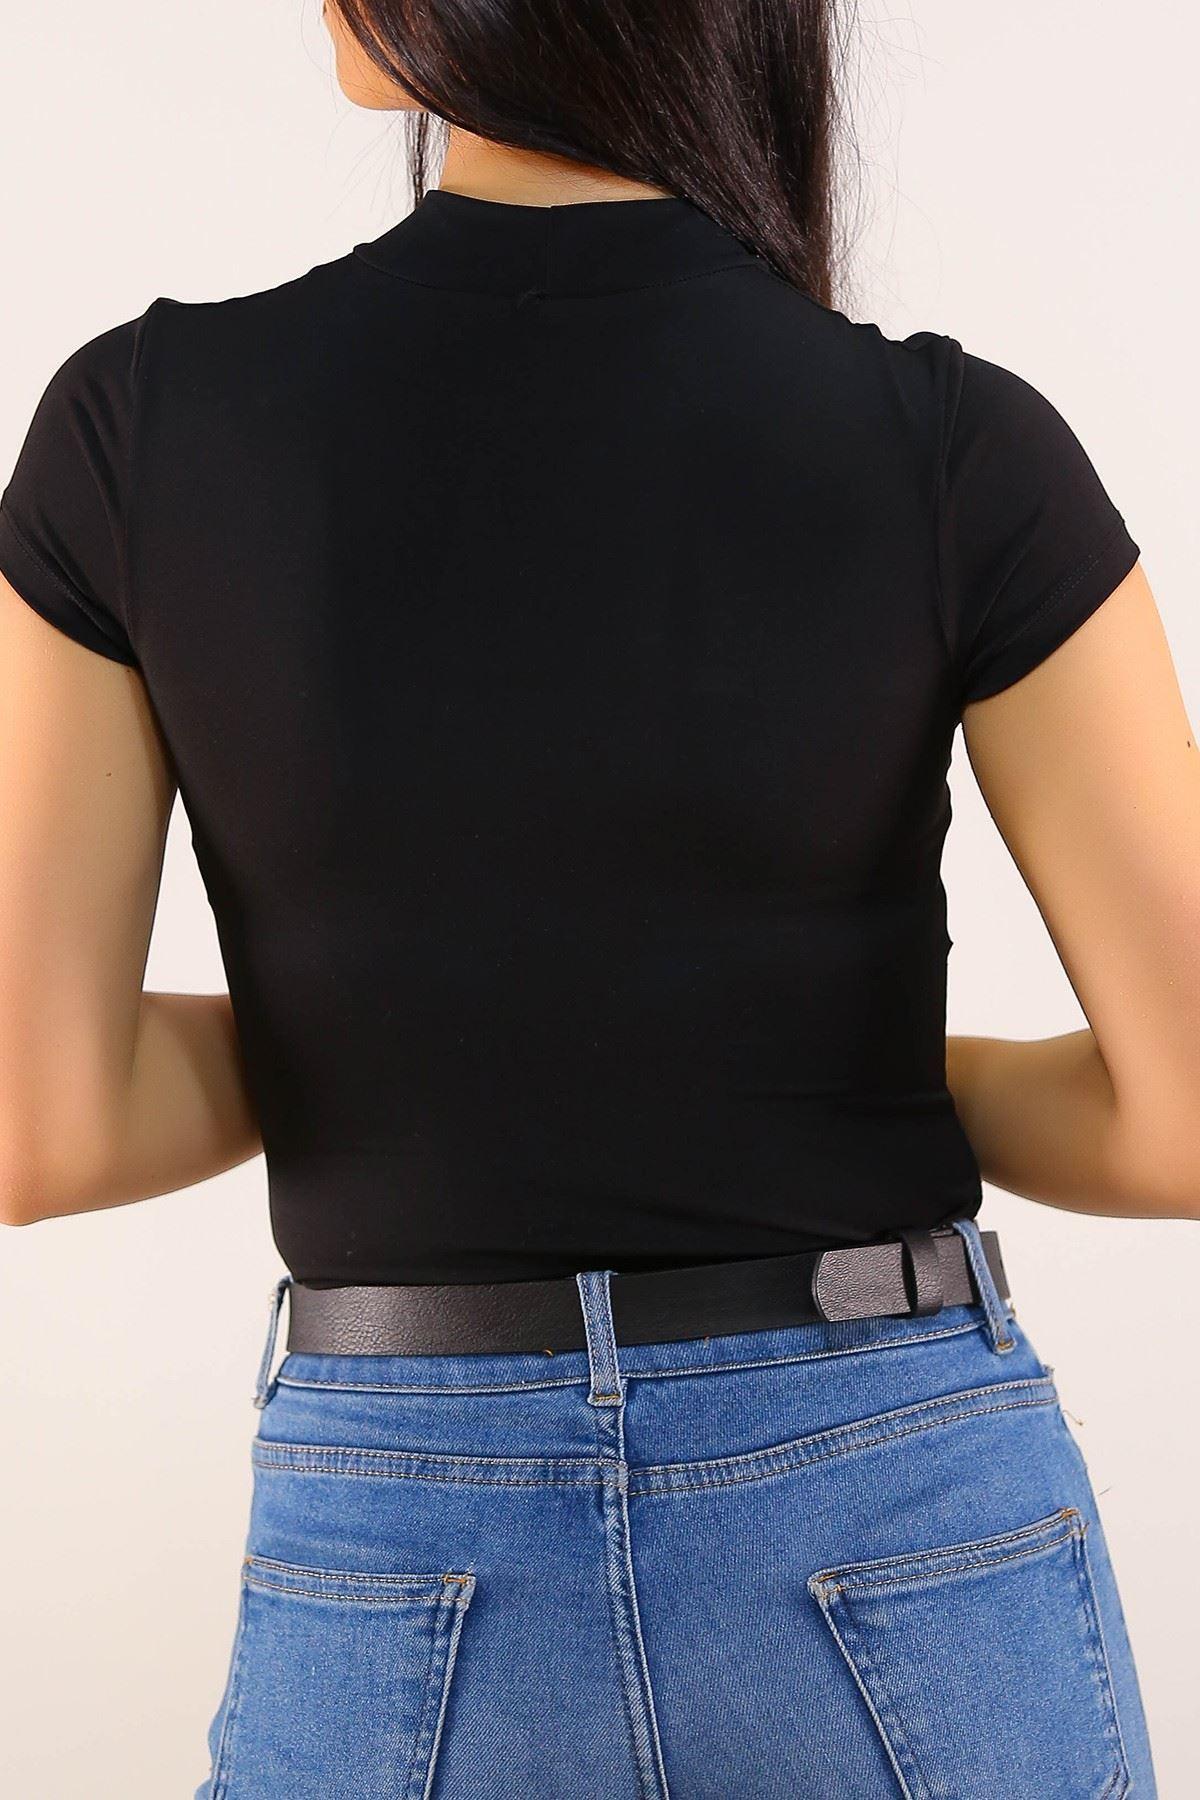 Tül Detaylı Bluz Siyah - 5200.450.